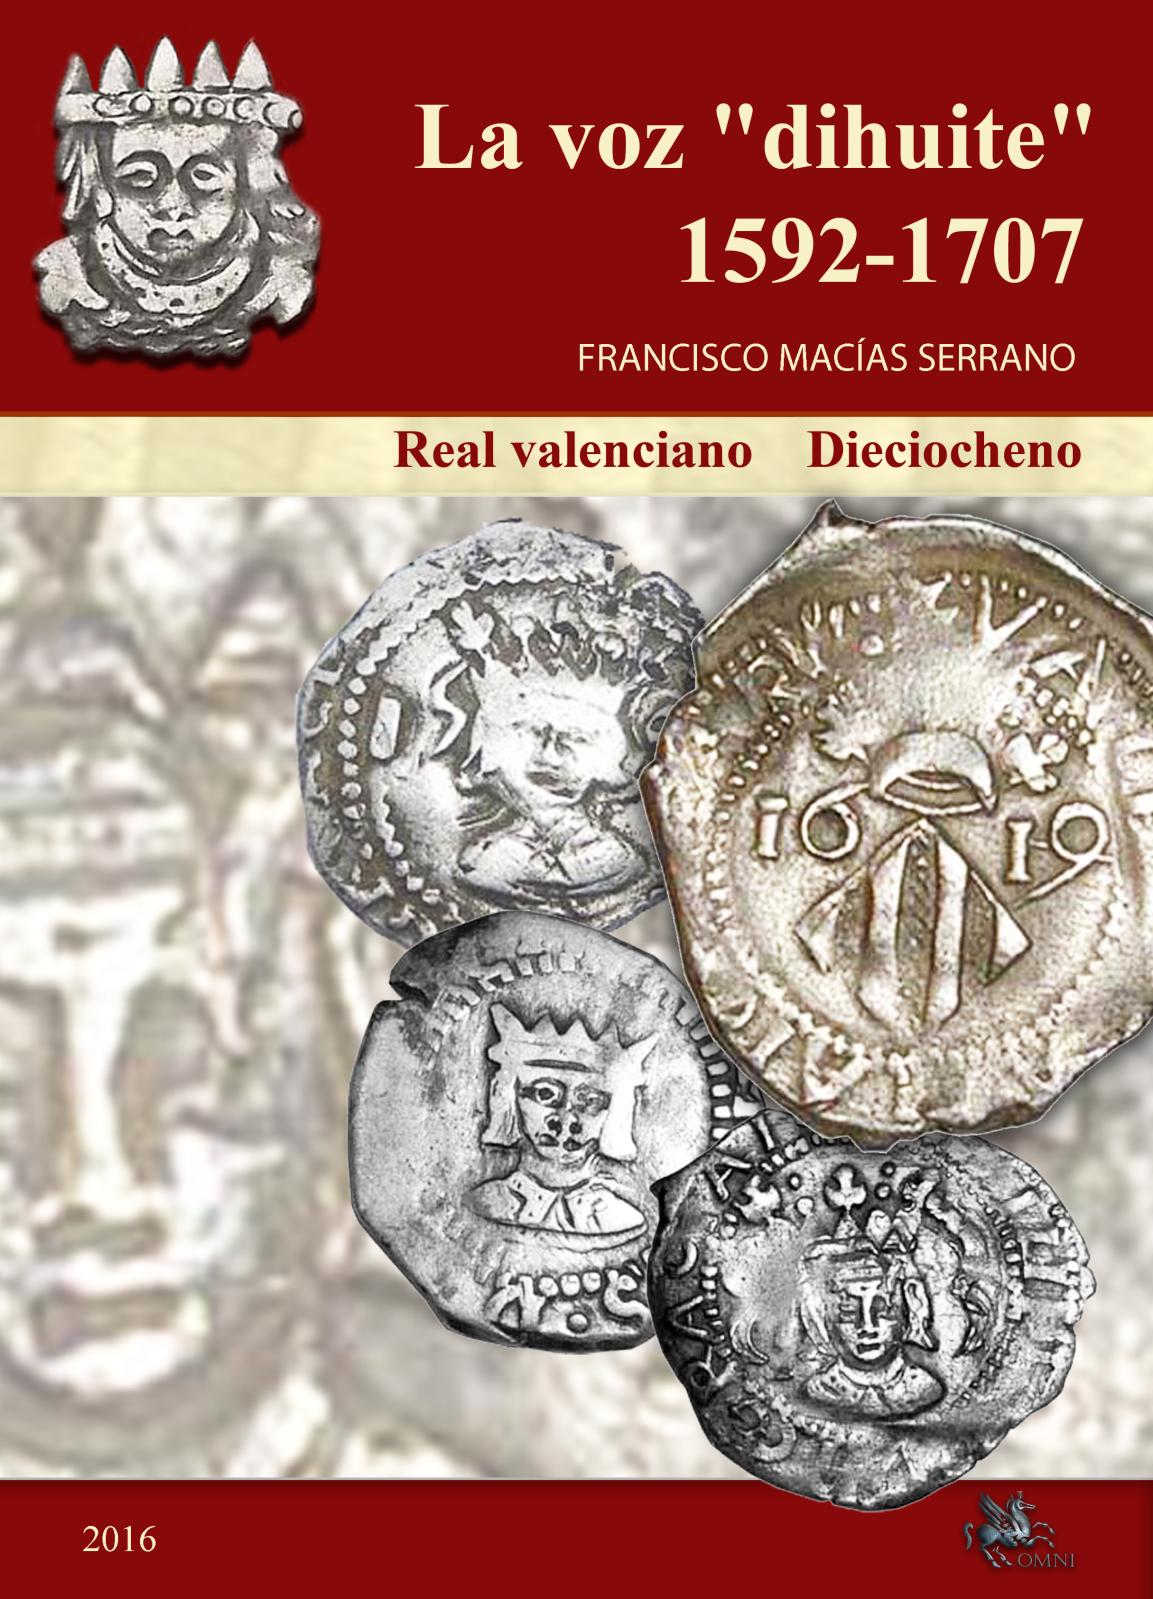 """¡¡NOVEDAD EDITORIAL!!CATALOGO LA VOZ """"DIHUITE 1592 – 1707 DIECIOCHENO-EL REAL VALENCIANO  111nvi8"""